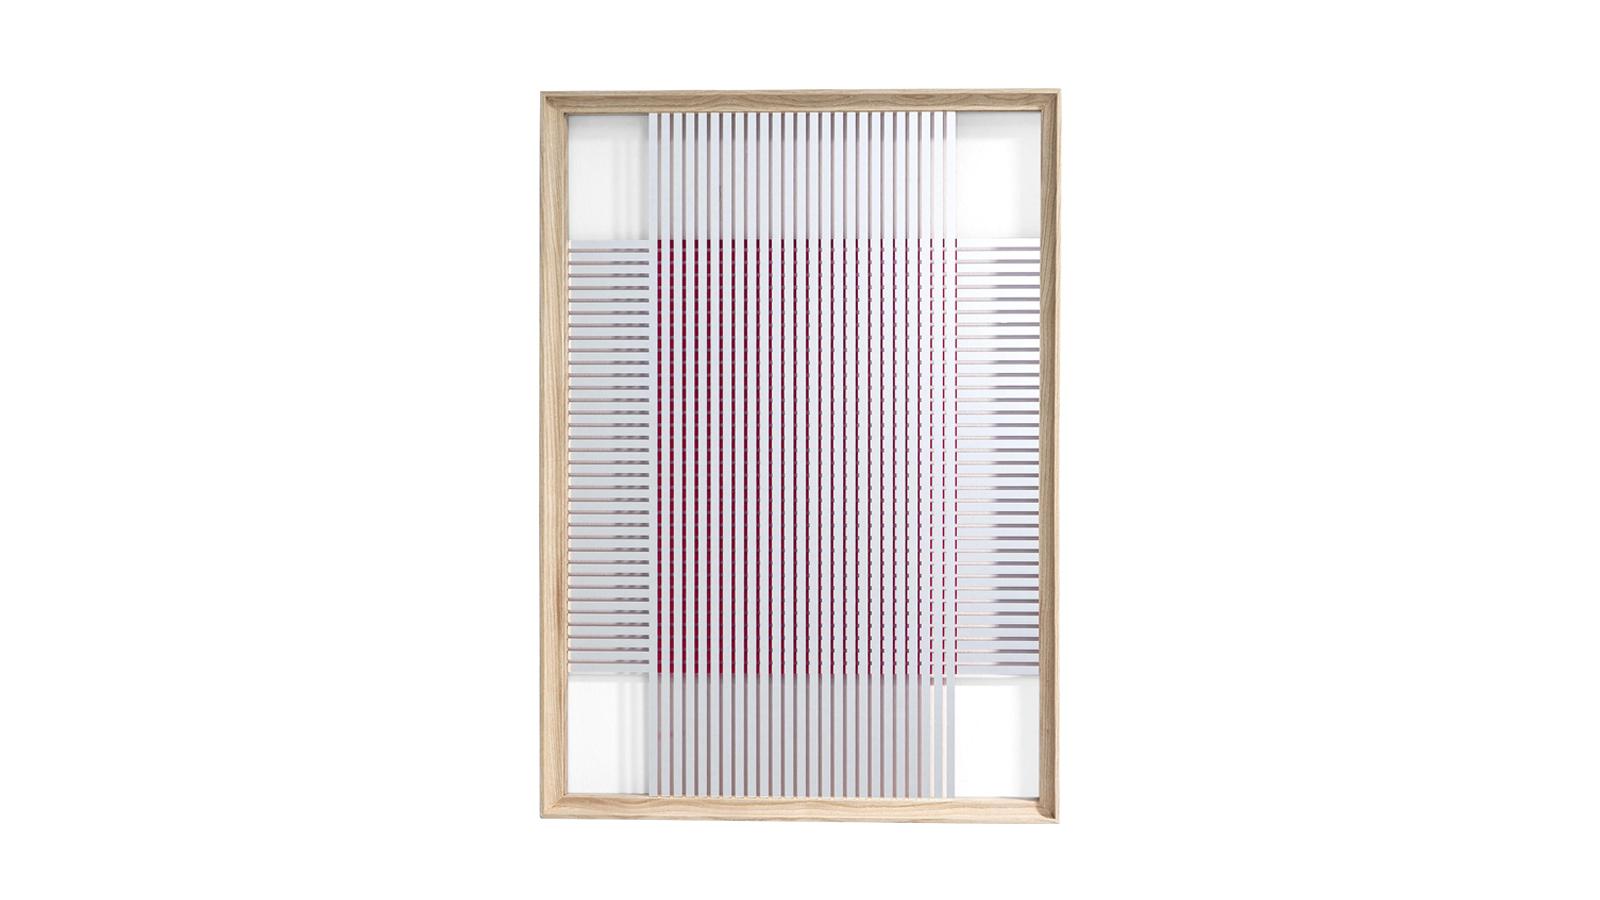 A Ron Gilad Deadline kollekcióját alkotó tükrök a legmagasabb szintű mérnöki tudást és tervezői ízlést ötvözik. A 12 darabos kollekció mindegyike egyedi darab, melyek bizonyos textúrájukban és formájukban térnek el egymástól. Az alsó tükrön egy másik réteg is található, az így megszülető optikai illózió pedig játékra szólít fel a geometriával és az érzékekkel.